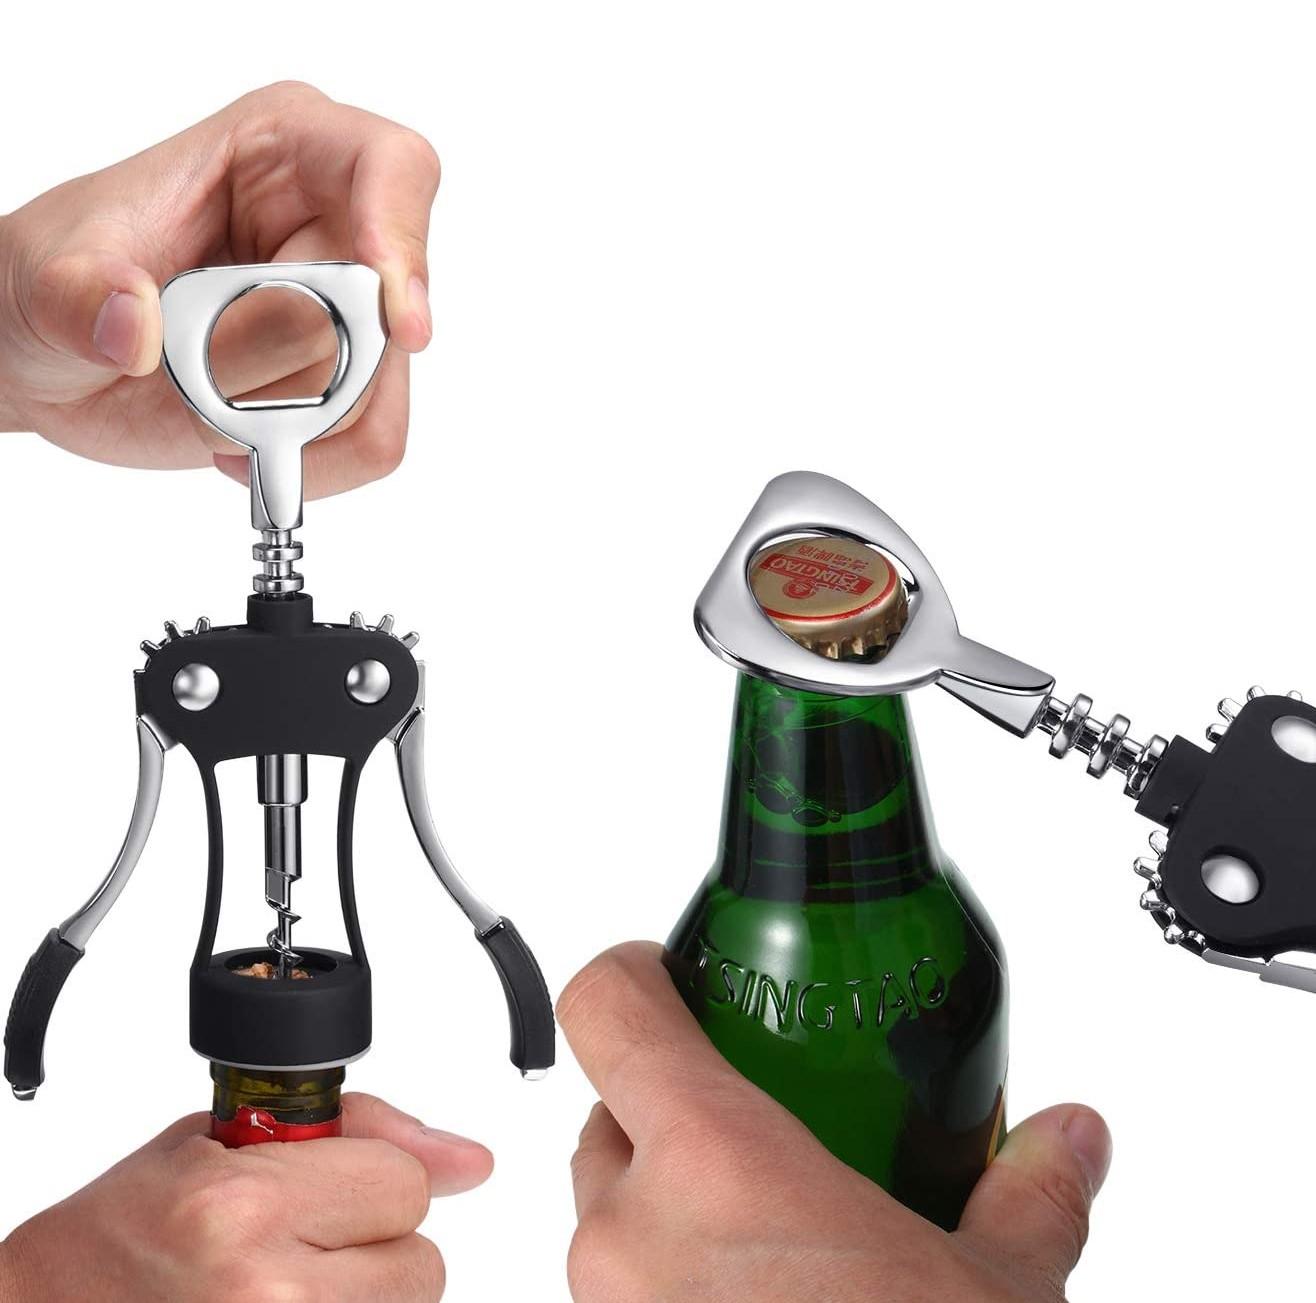 RV kitchen accessories - wine corkscrew